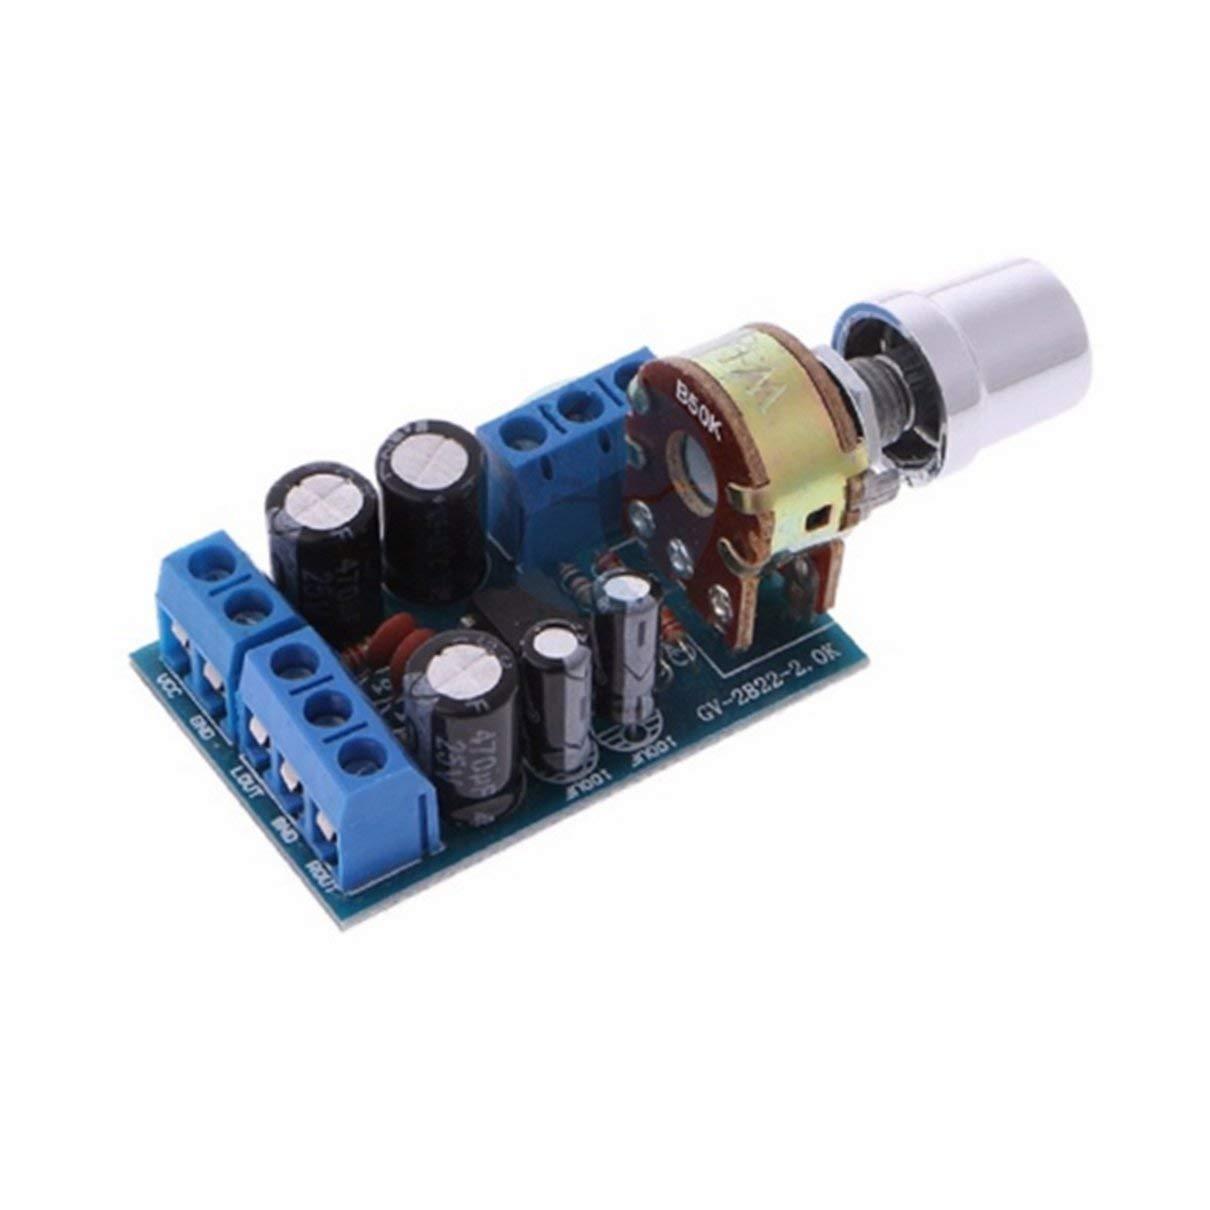 Monlladek Parti del modulo AMP del modulo Scheda Amplificatore Audio Mini AUX Stereo 2.0 2.0 TDA2822M DC 1.8-12V di Piccole Dimensioni